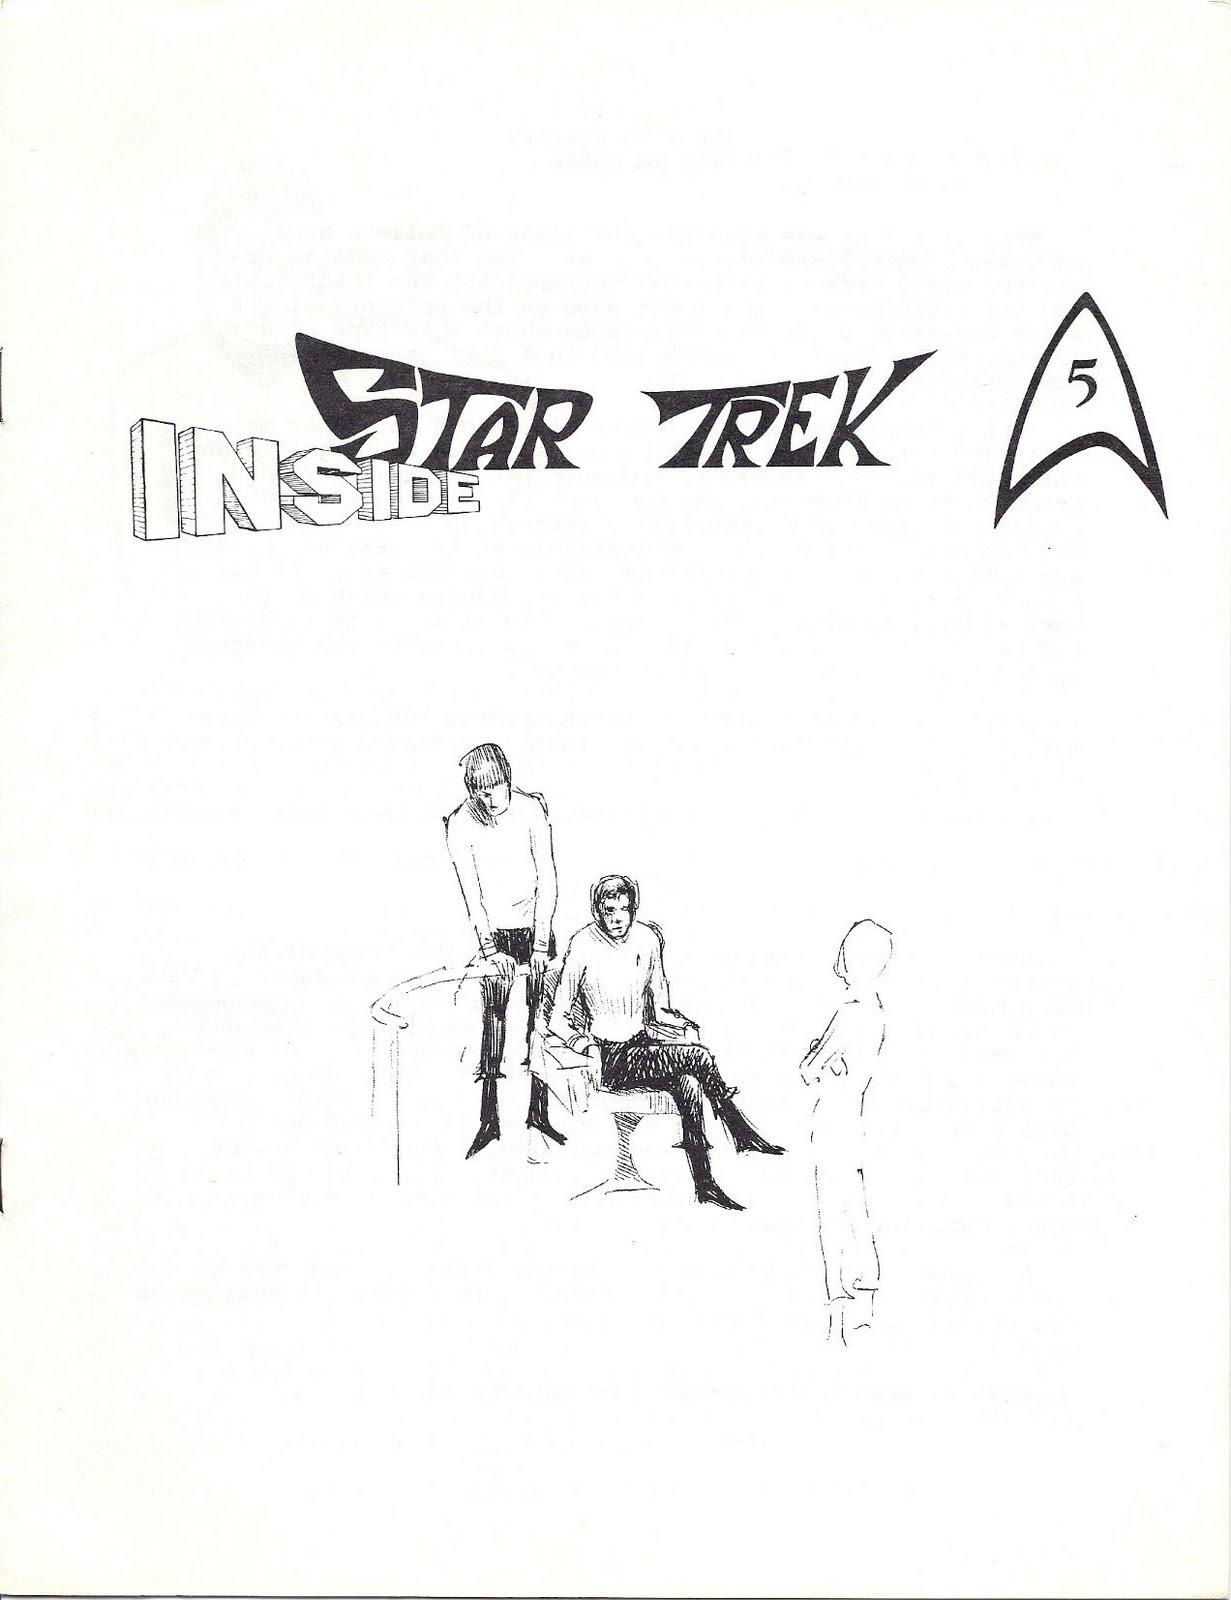 star trek prop  costume  u0026 auction authority   u0026quot inside star trek u0026quot   1968 james doohan interview